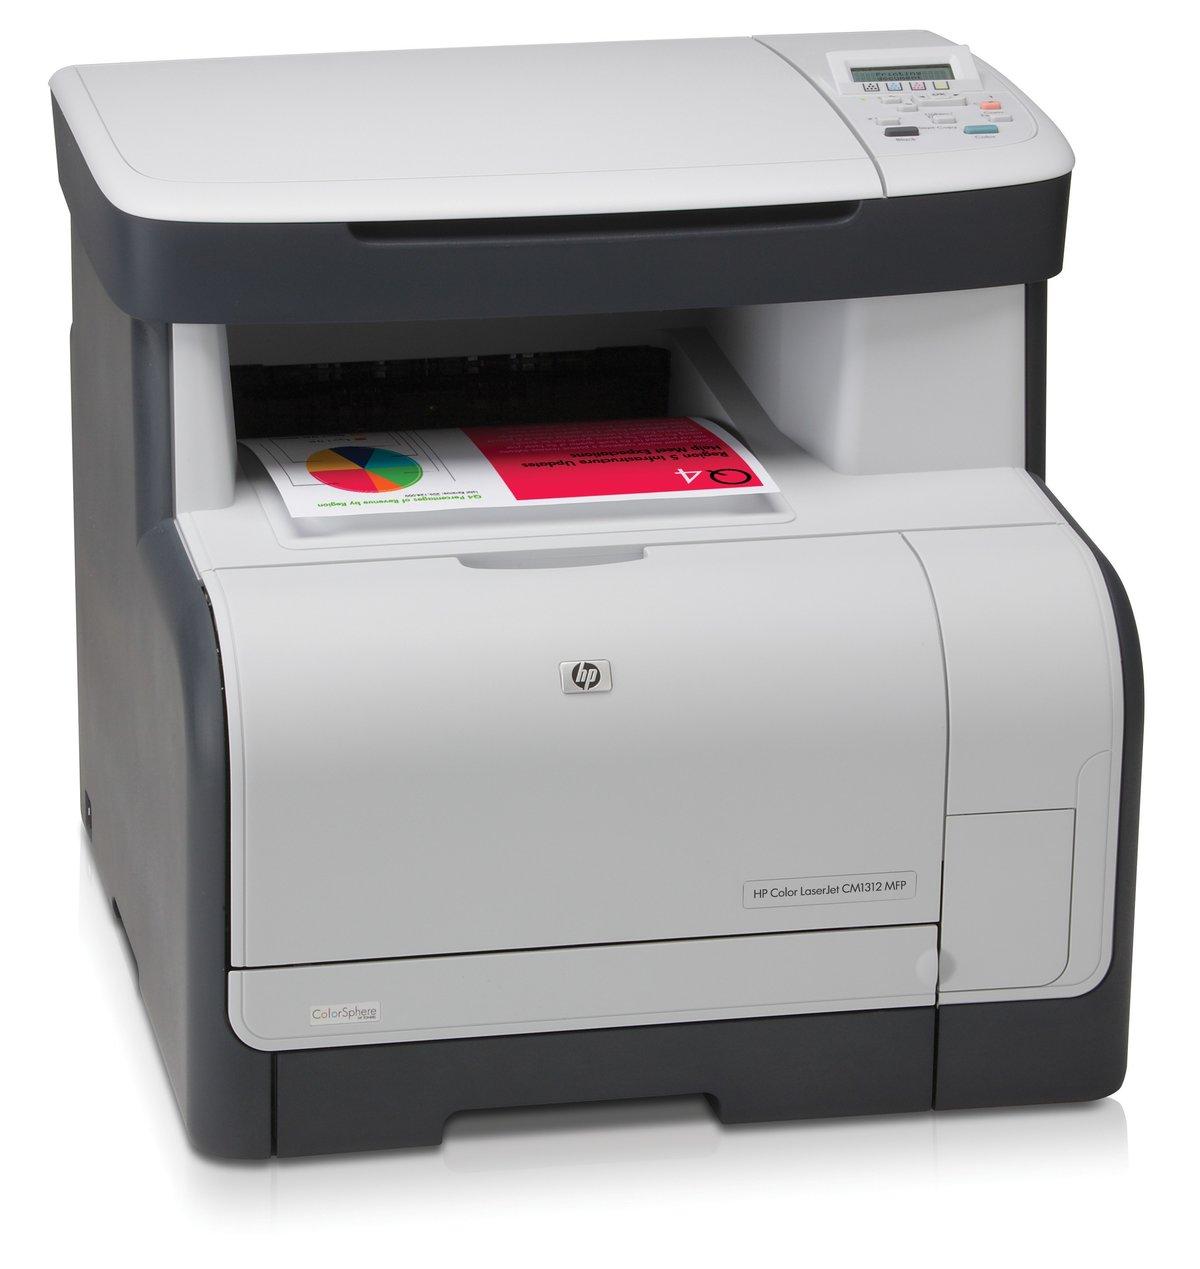 CC430A#ABU - HP Color LaserJet CM1312 MFP - multifunction printer ( colour  ) - Currys PC World Business